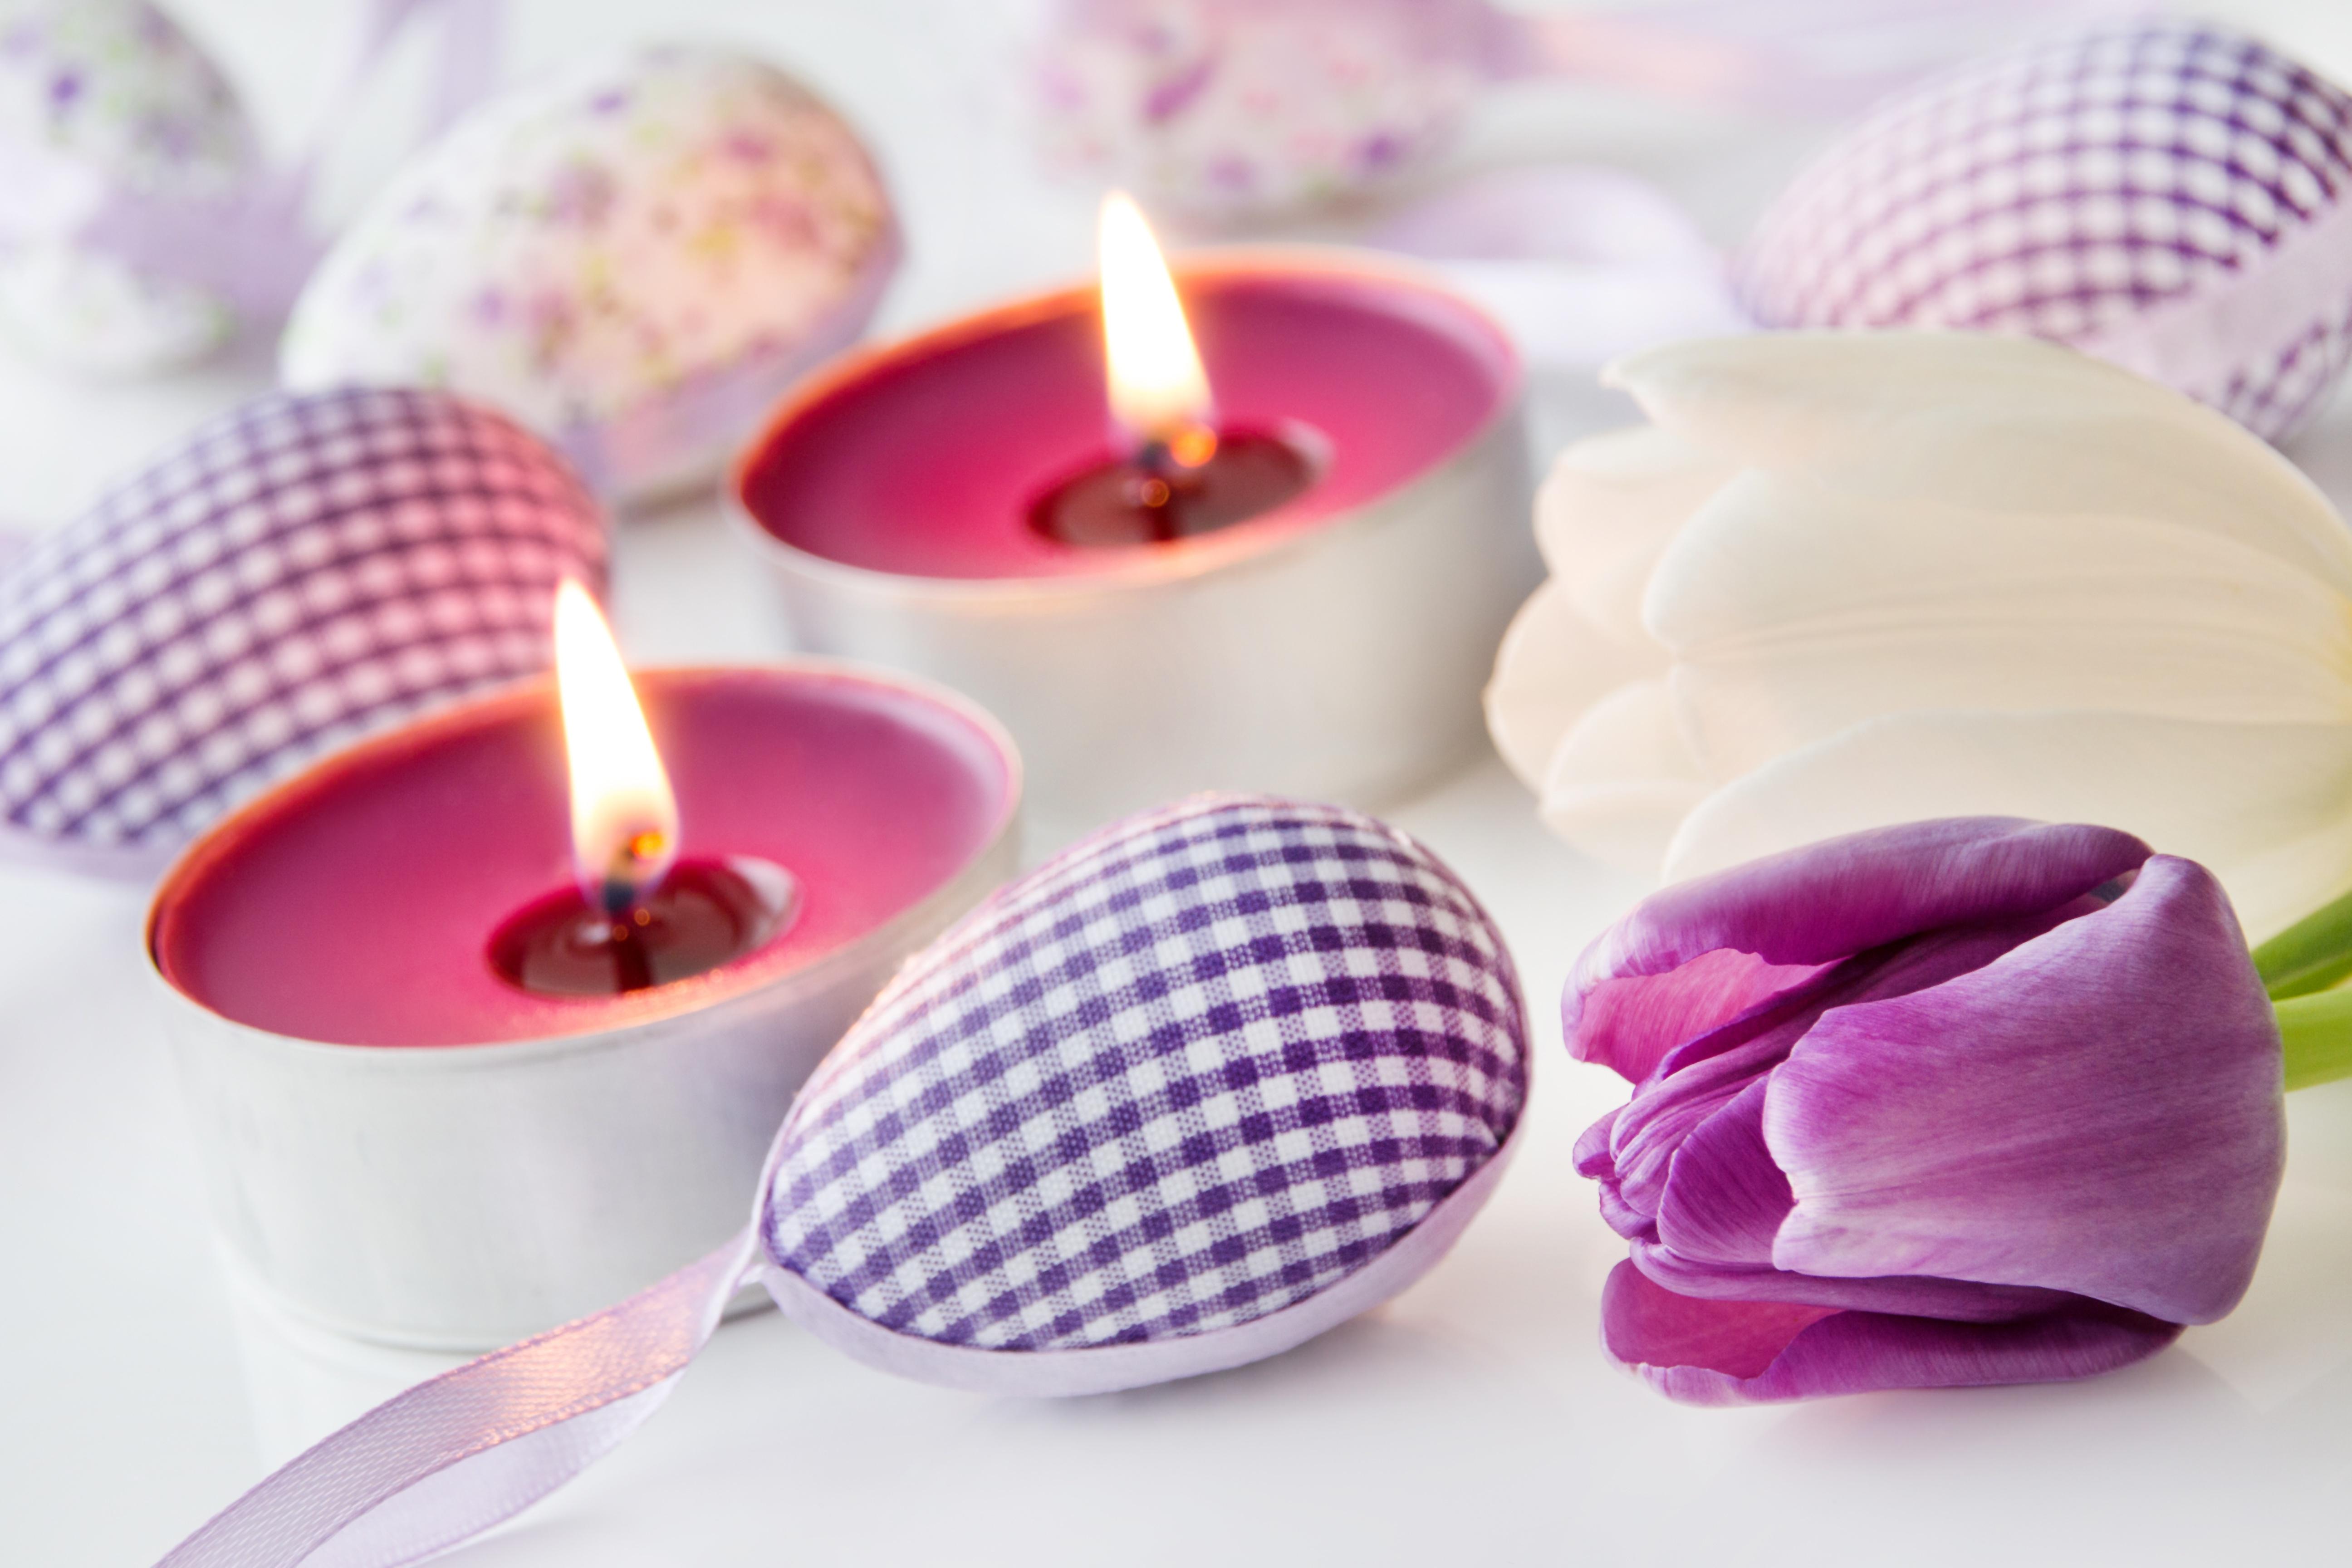 цветы свечи без смс